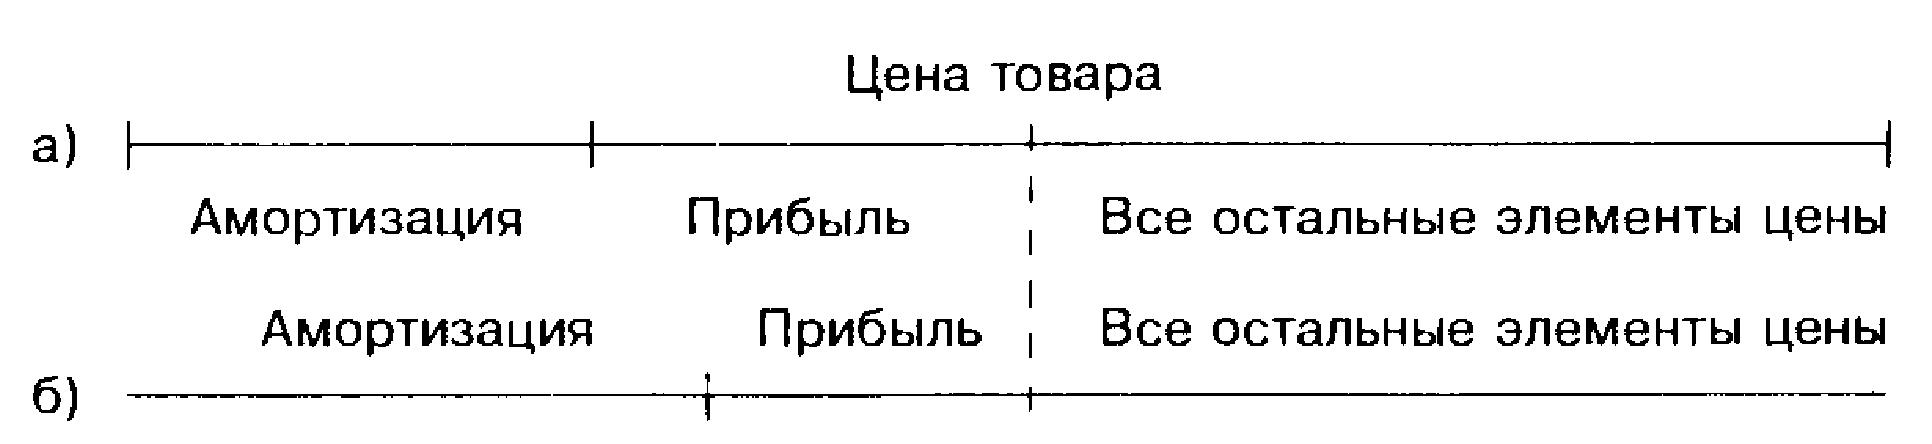 Сравнение структуры цены товара при различной амортизации